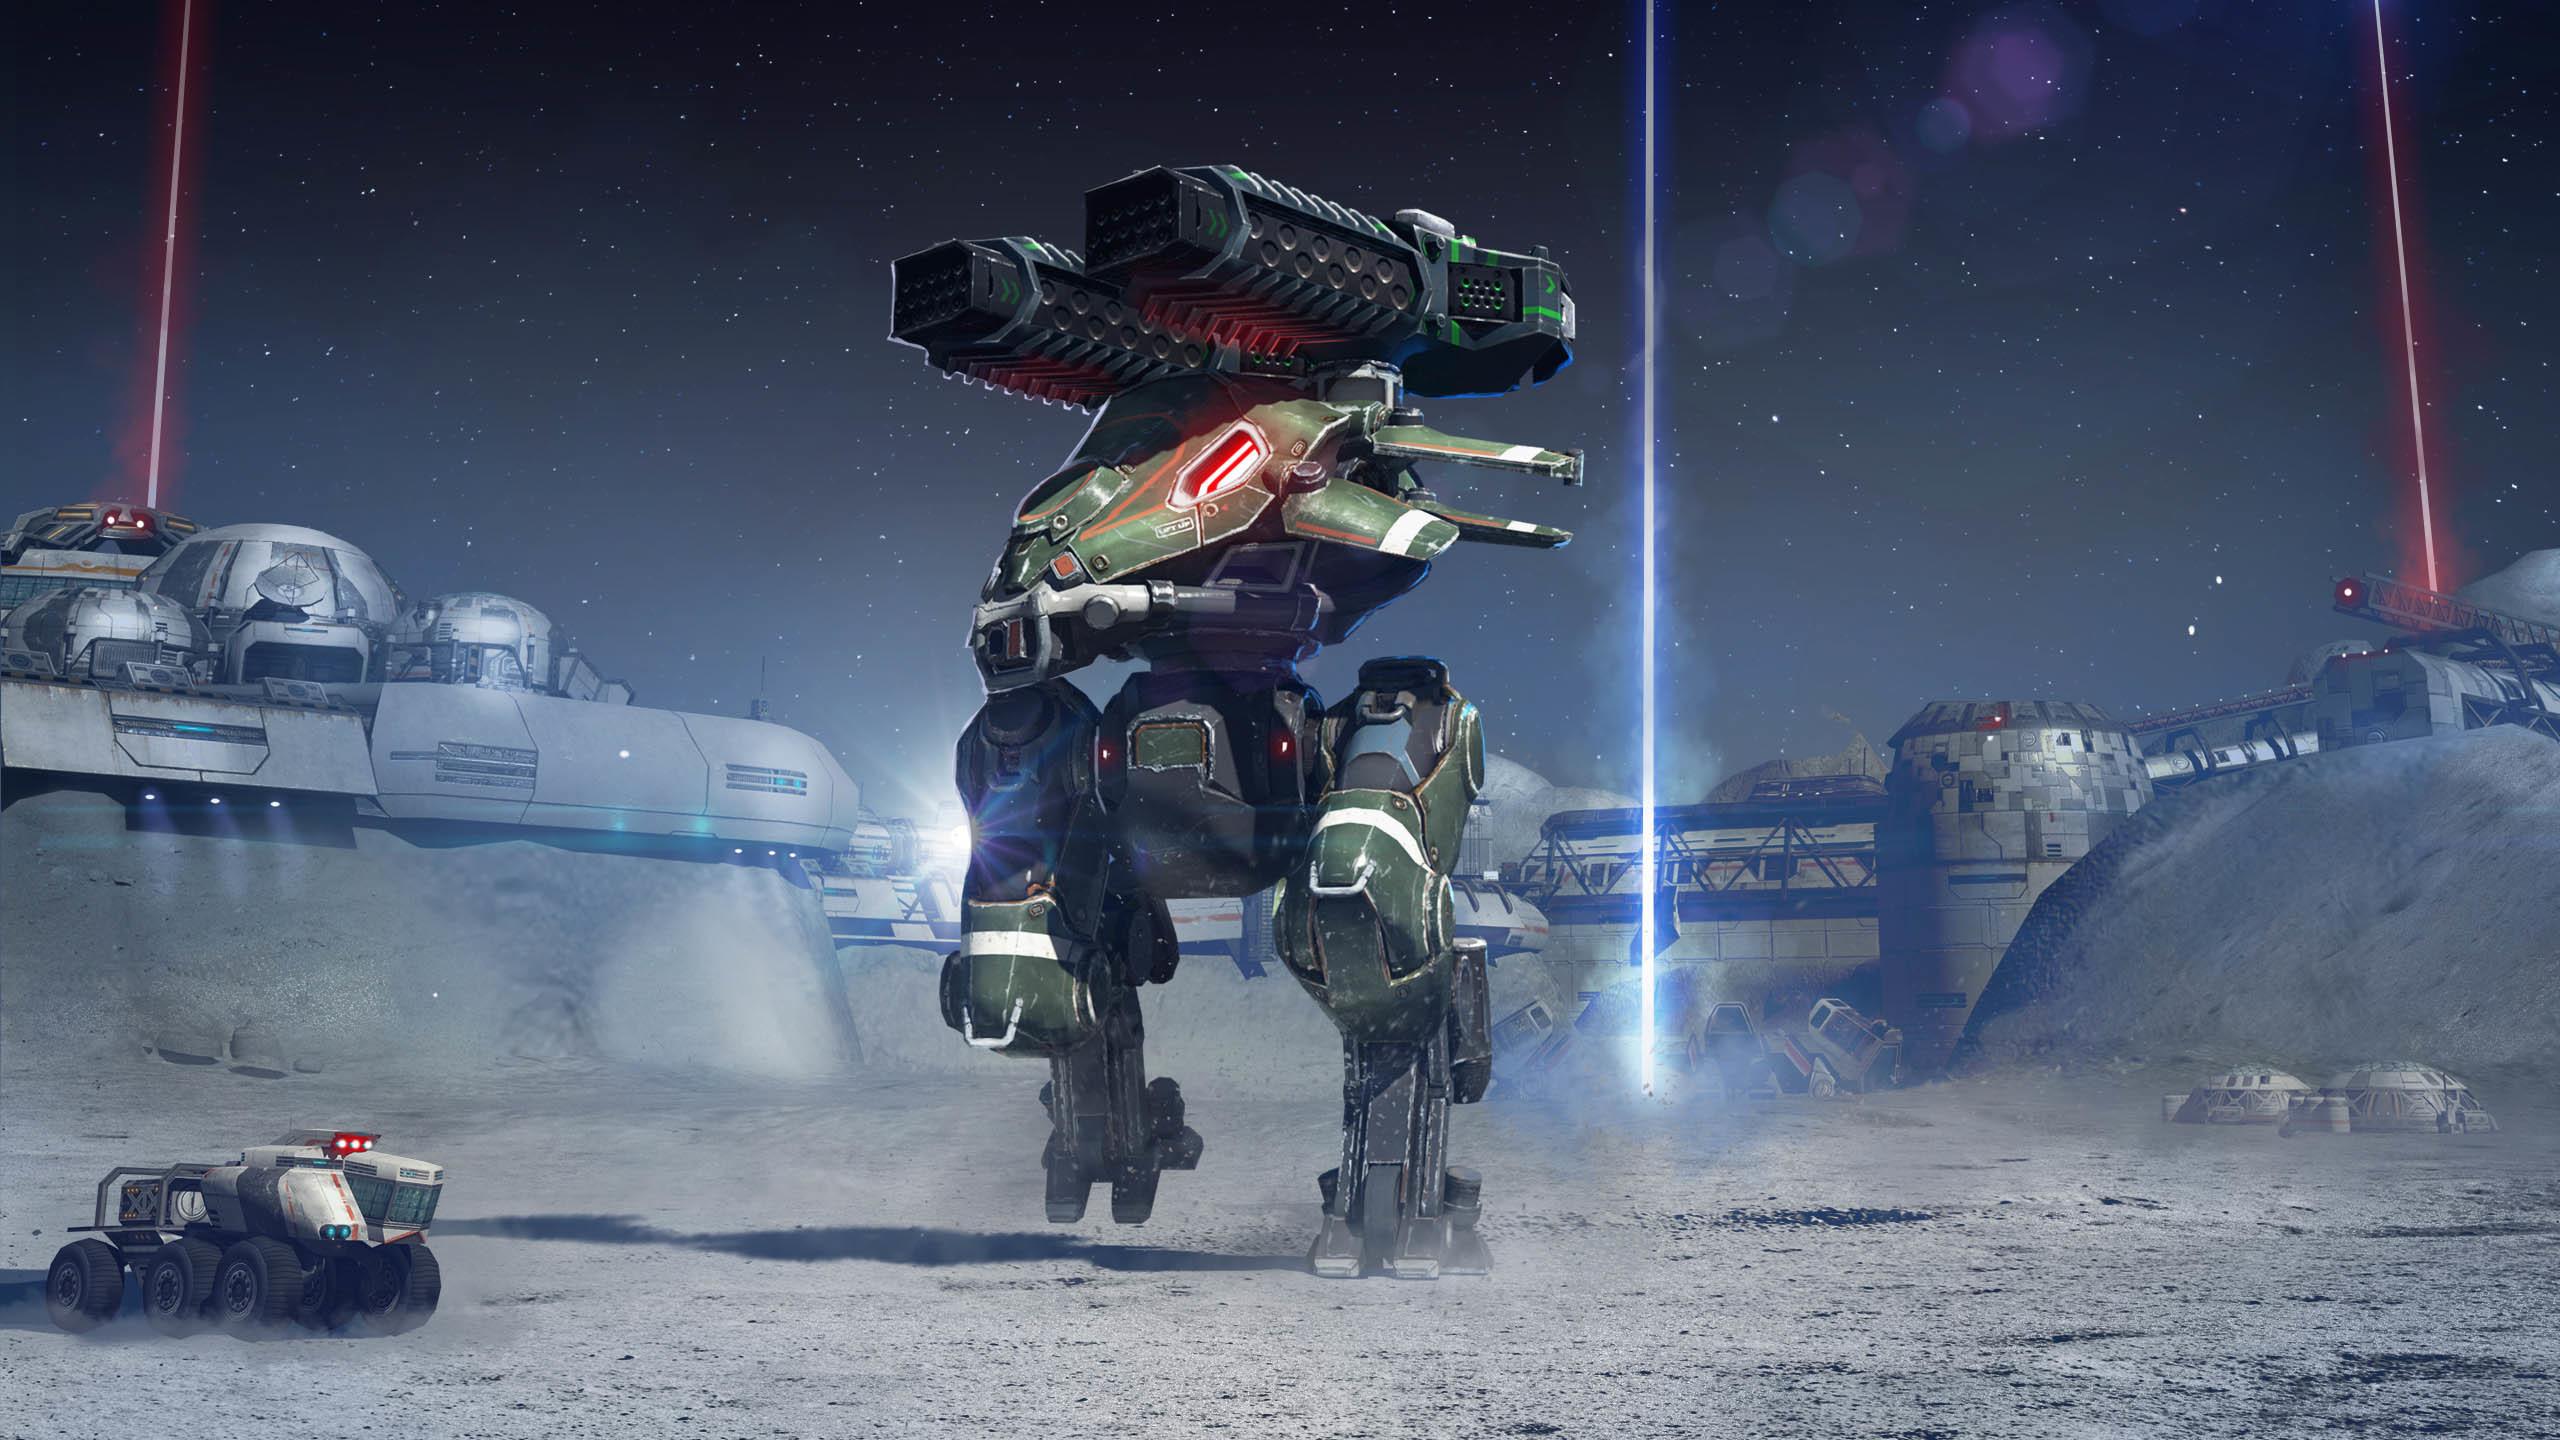 Robot Class War Robots Carnage 340472 Hd Wallpaper Backgrounds Download